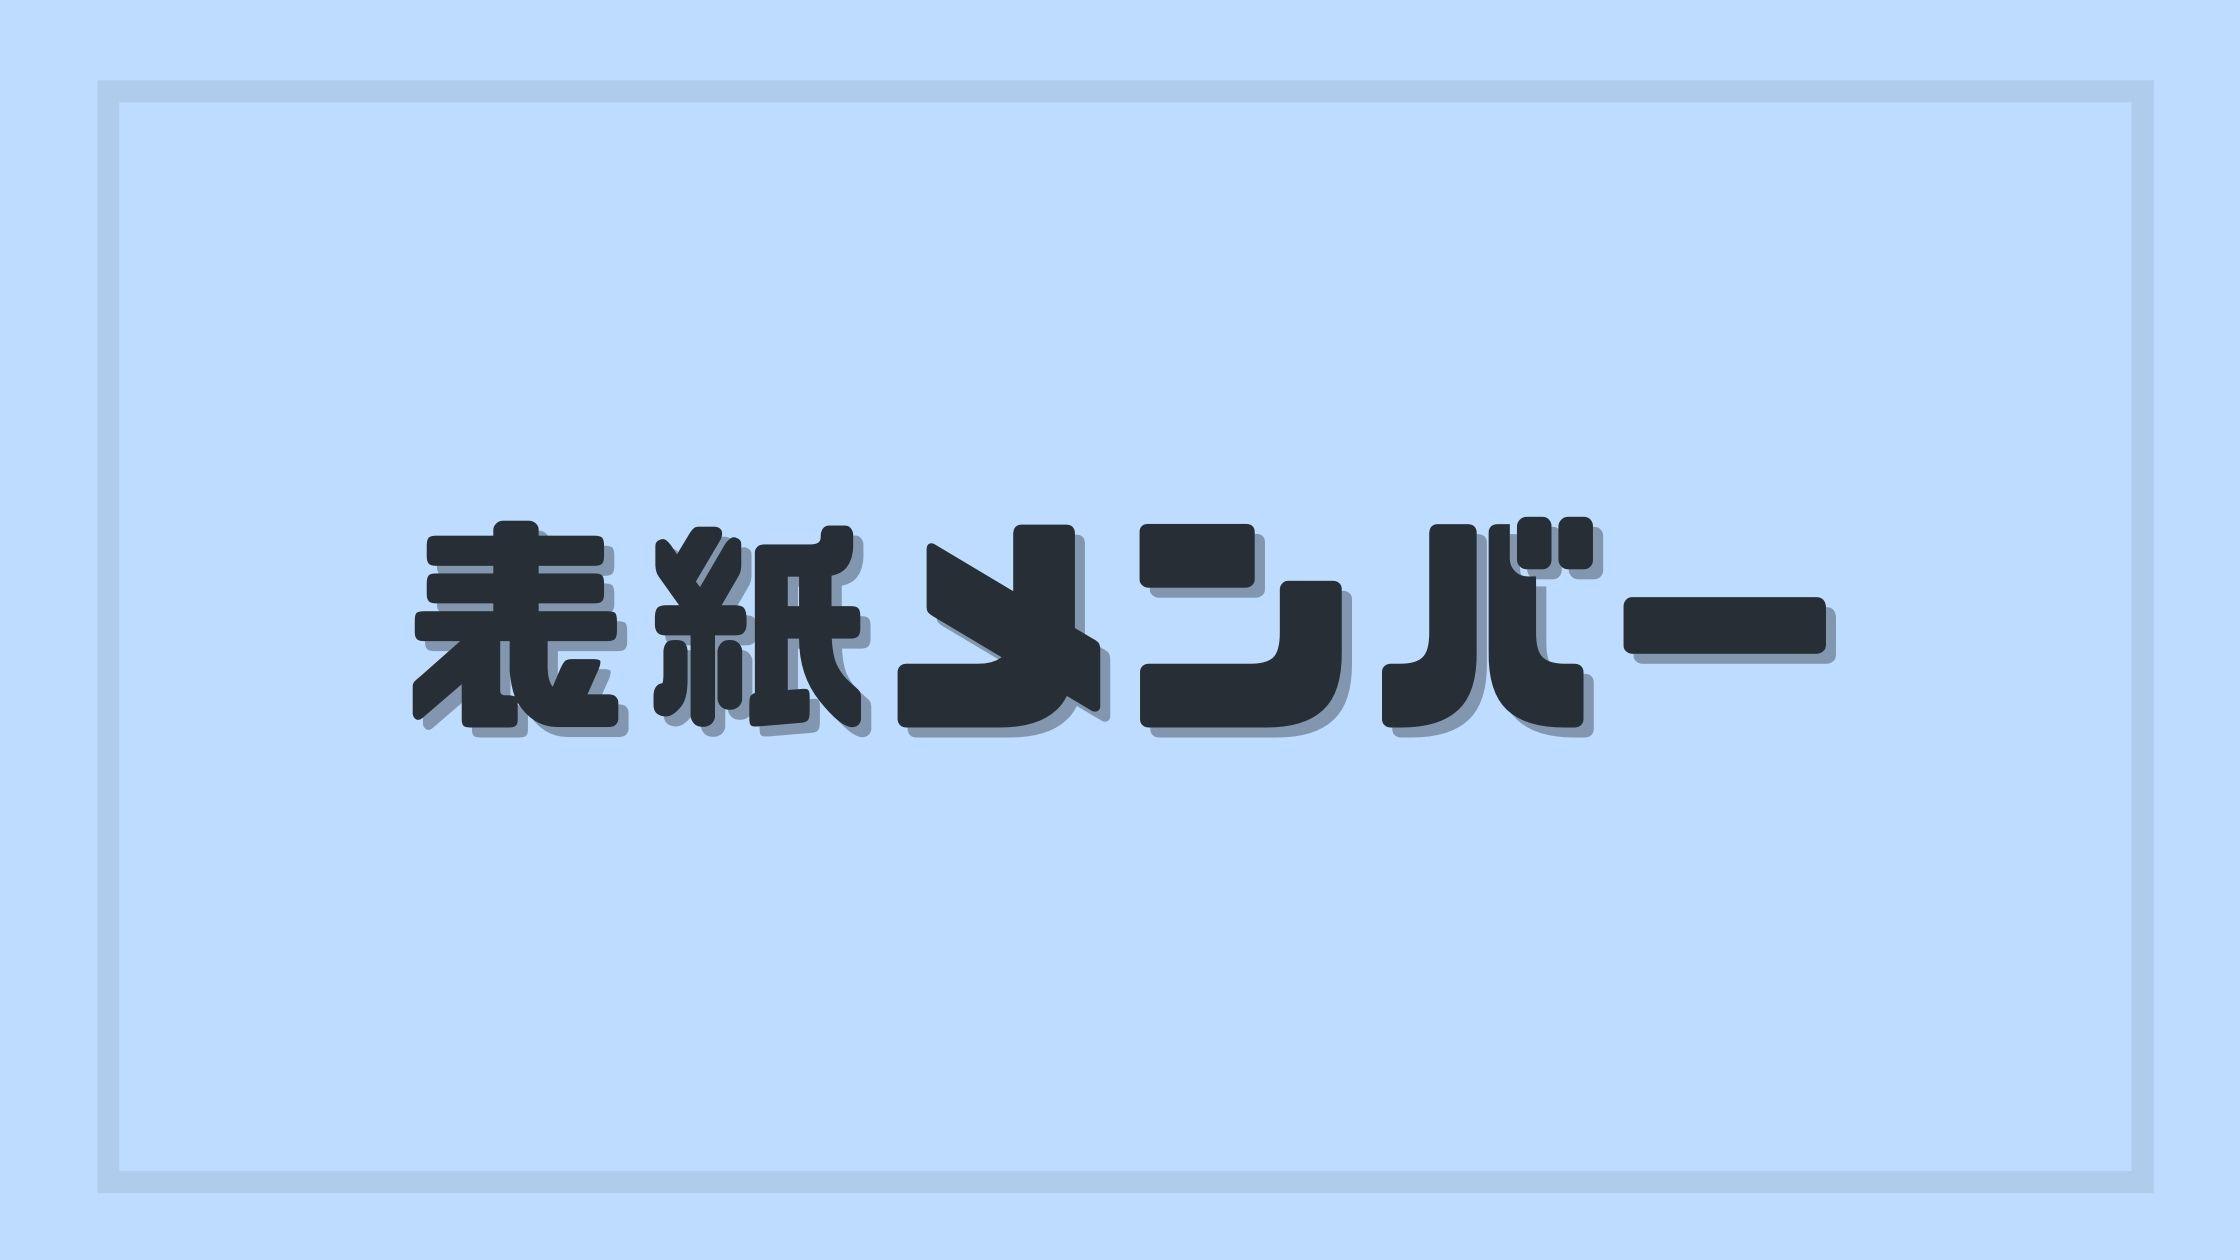 【日向坂46】1stアルバム『ひなたざか』表紙メンバーの違い